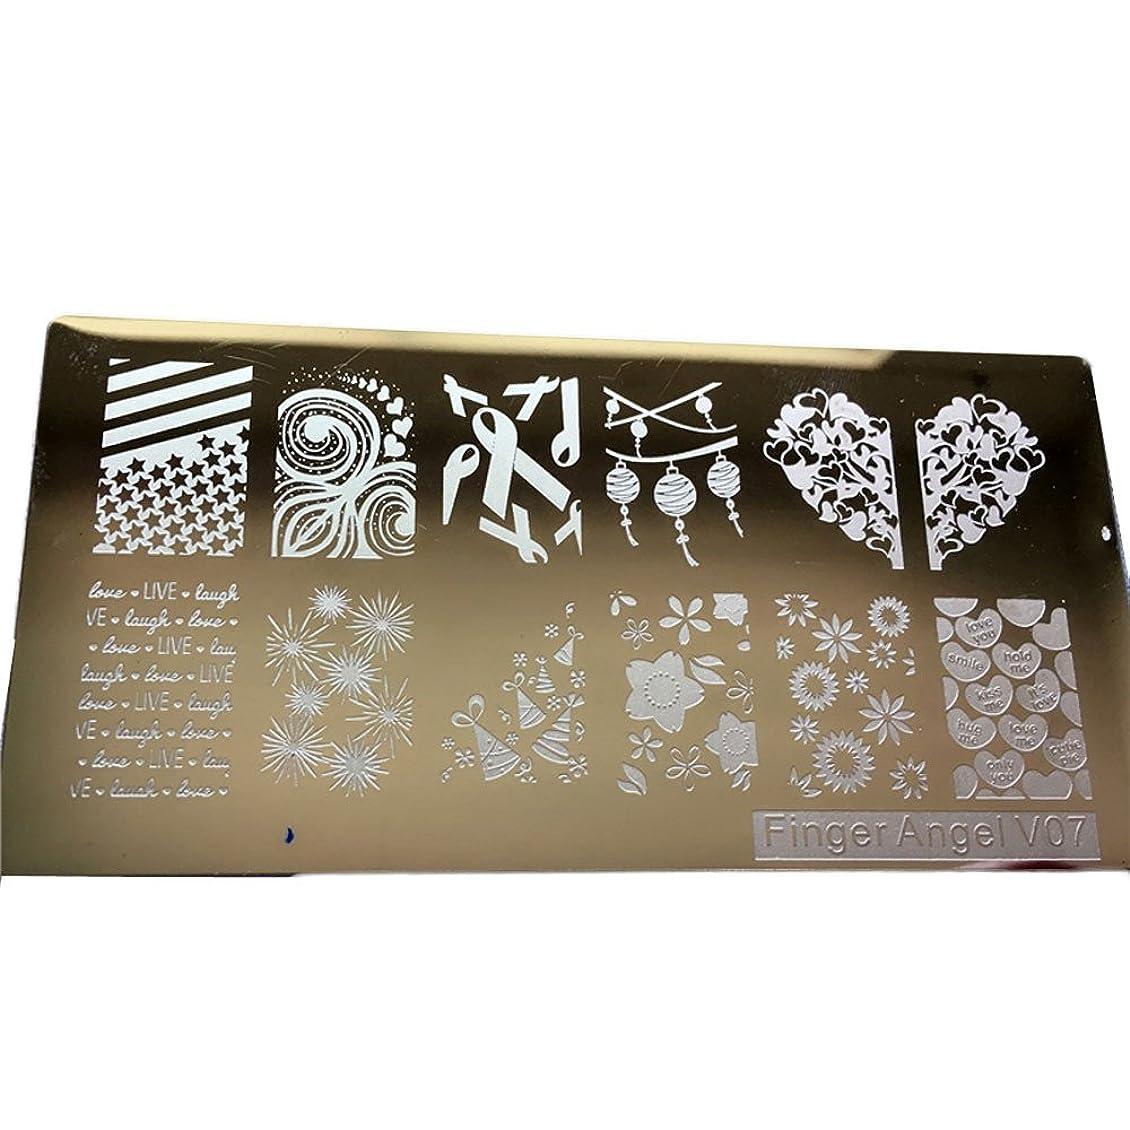 疎外南方のこどもセンター[ルテンズ] スタンピングプレートセット 花柄 ネイルプレート ネイルアートツール ネイルプレート ネイルスタンパー ネイルスタンプ スタンプネイル ネイルデザイン用品